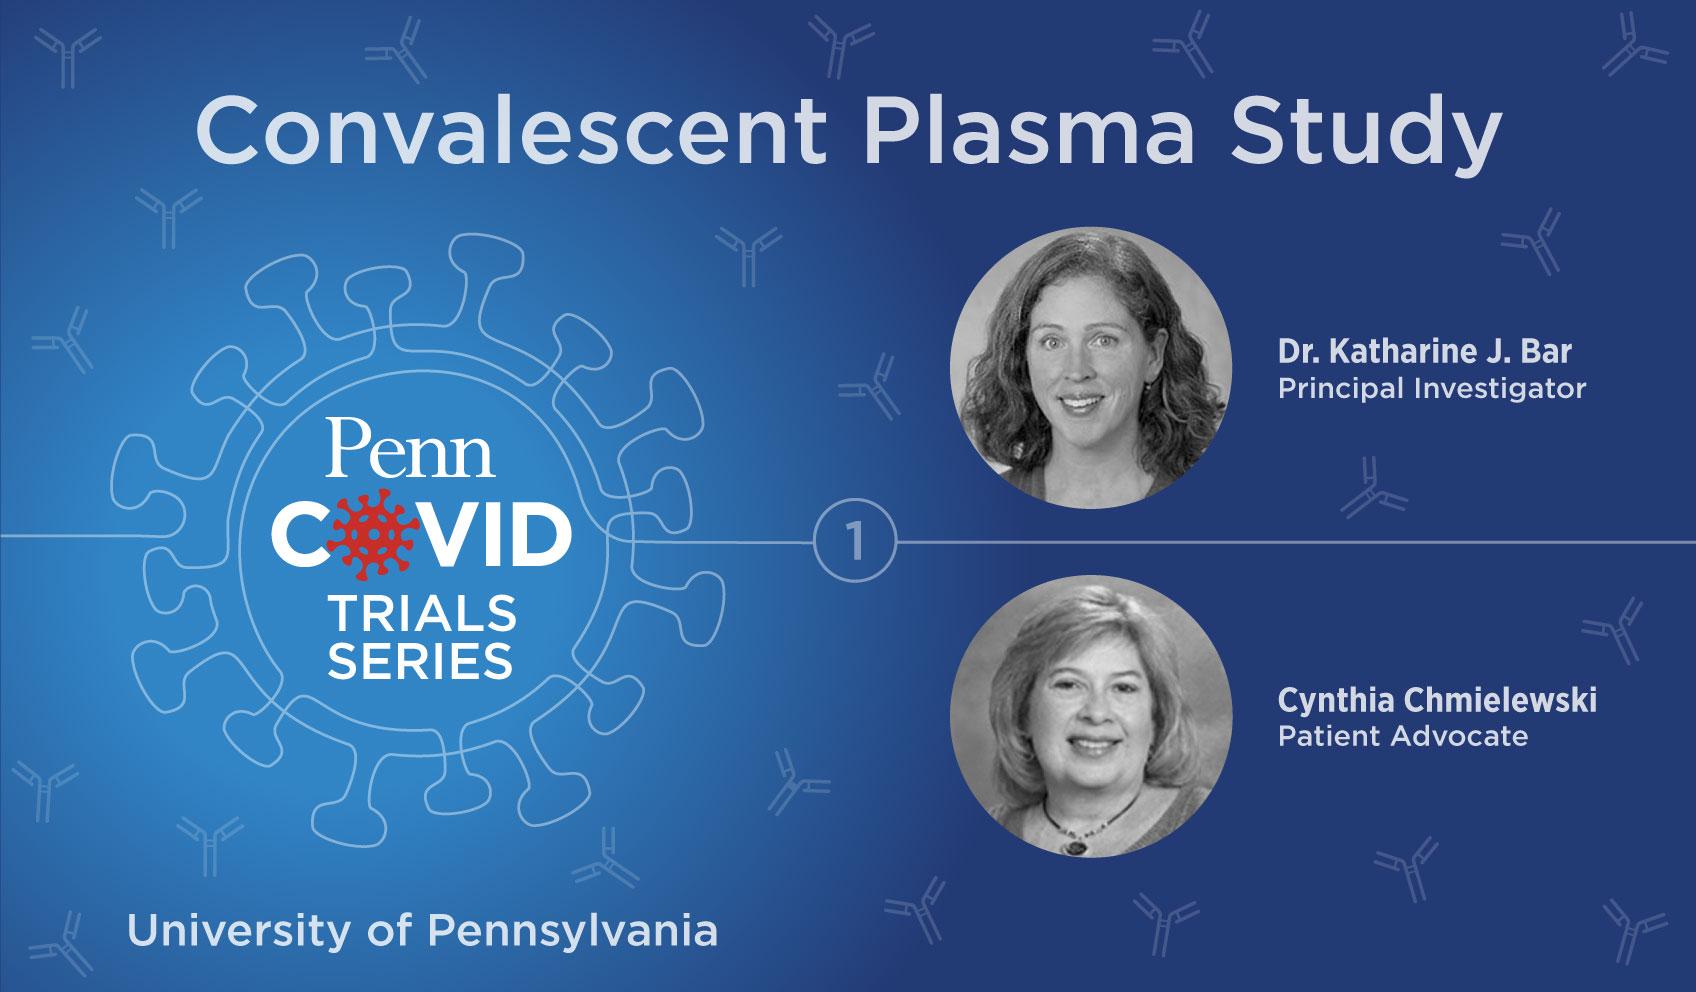 Covid 19 Convalescent Plasma Study